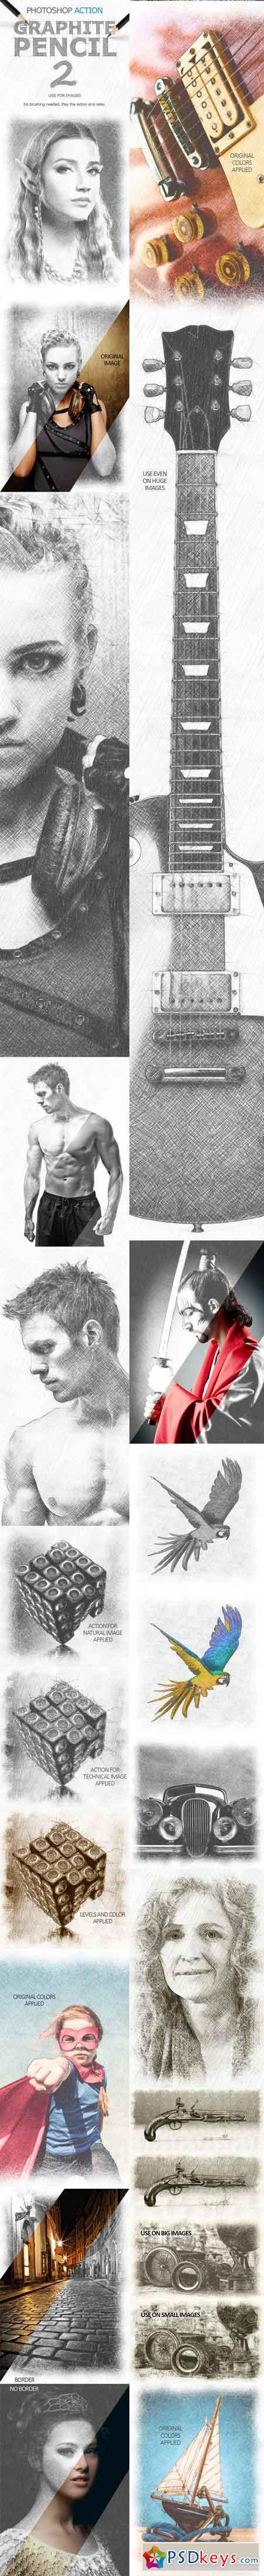 Graphite Pencil 2 Photoshop Action 15556185